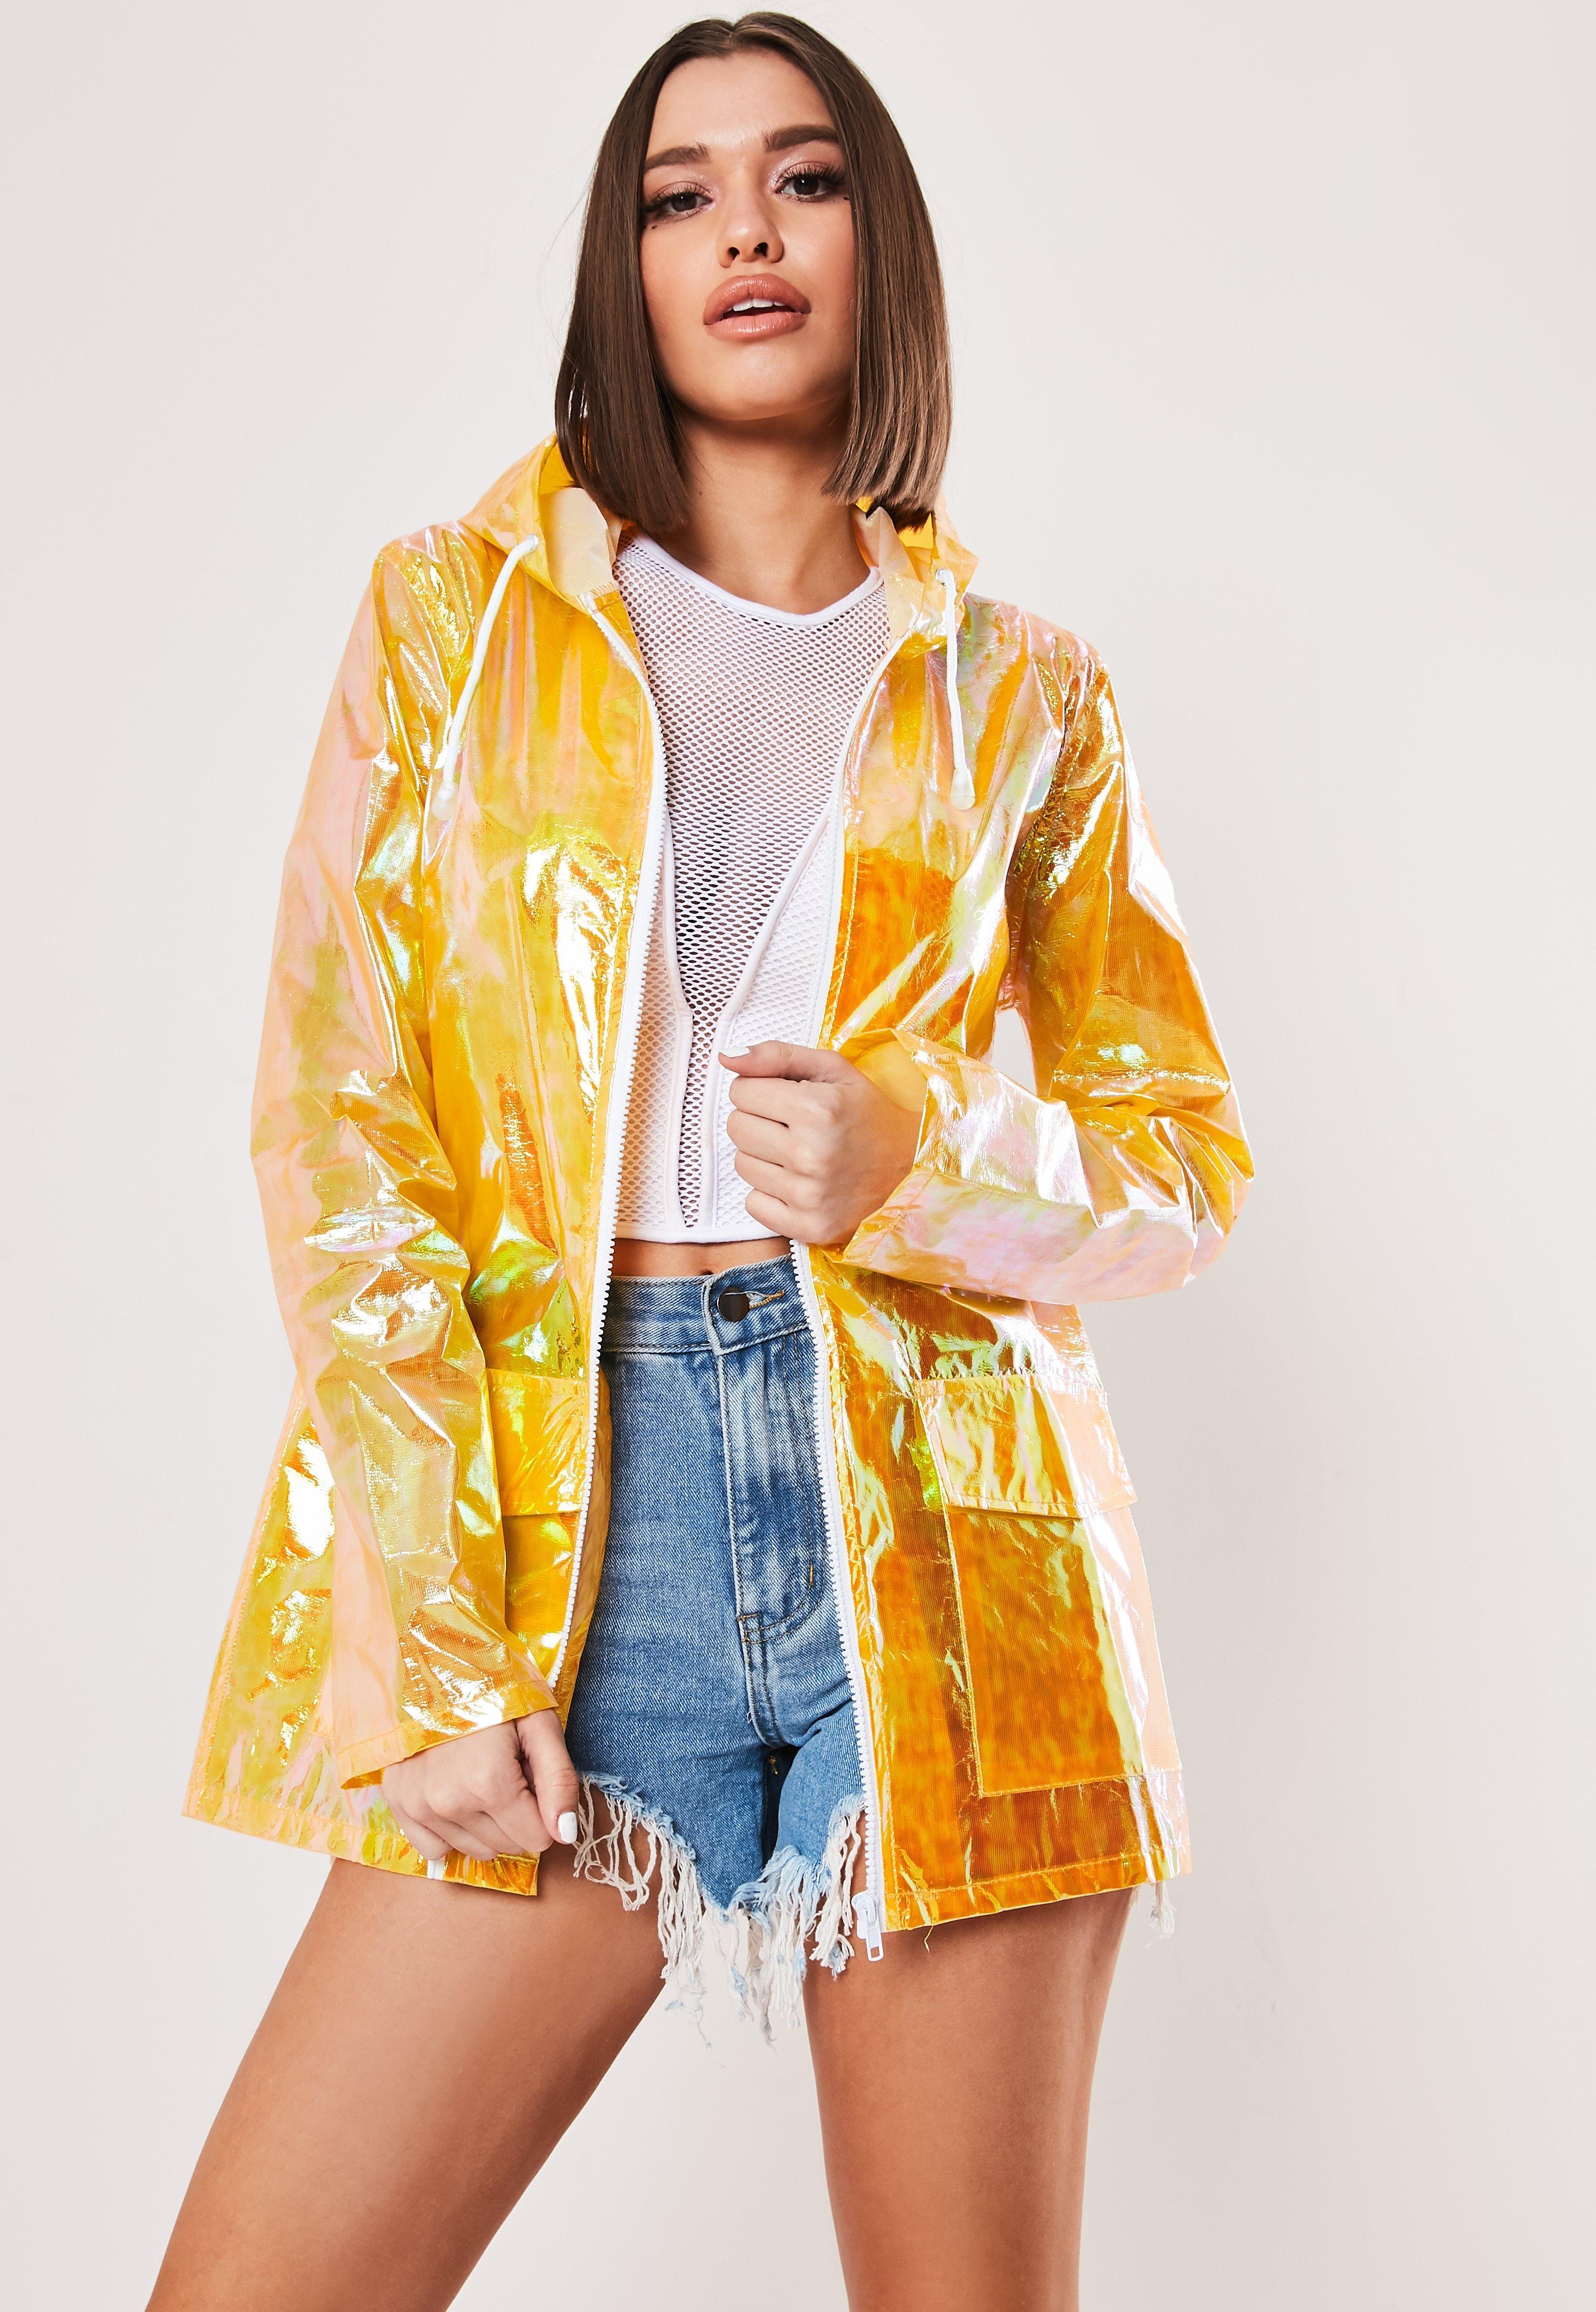 086563f17507 Raincoats | Women's Festival Raincoats & Macs - Missguided